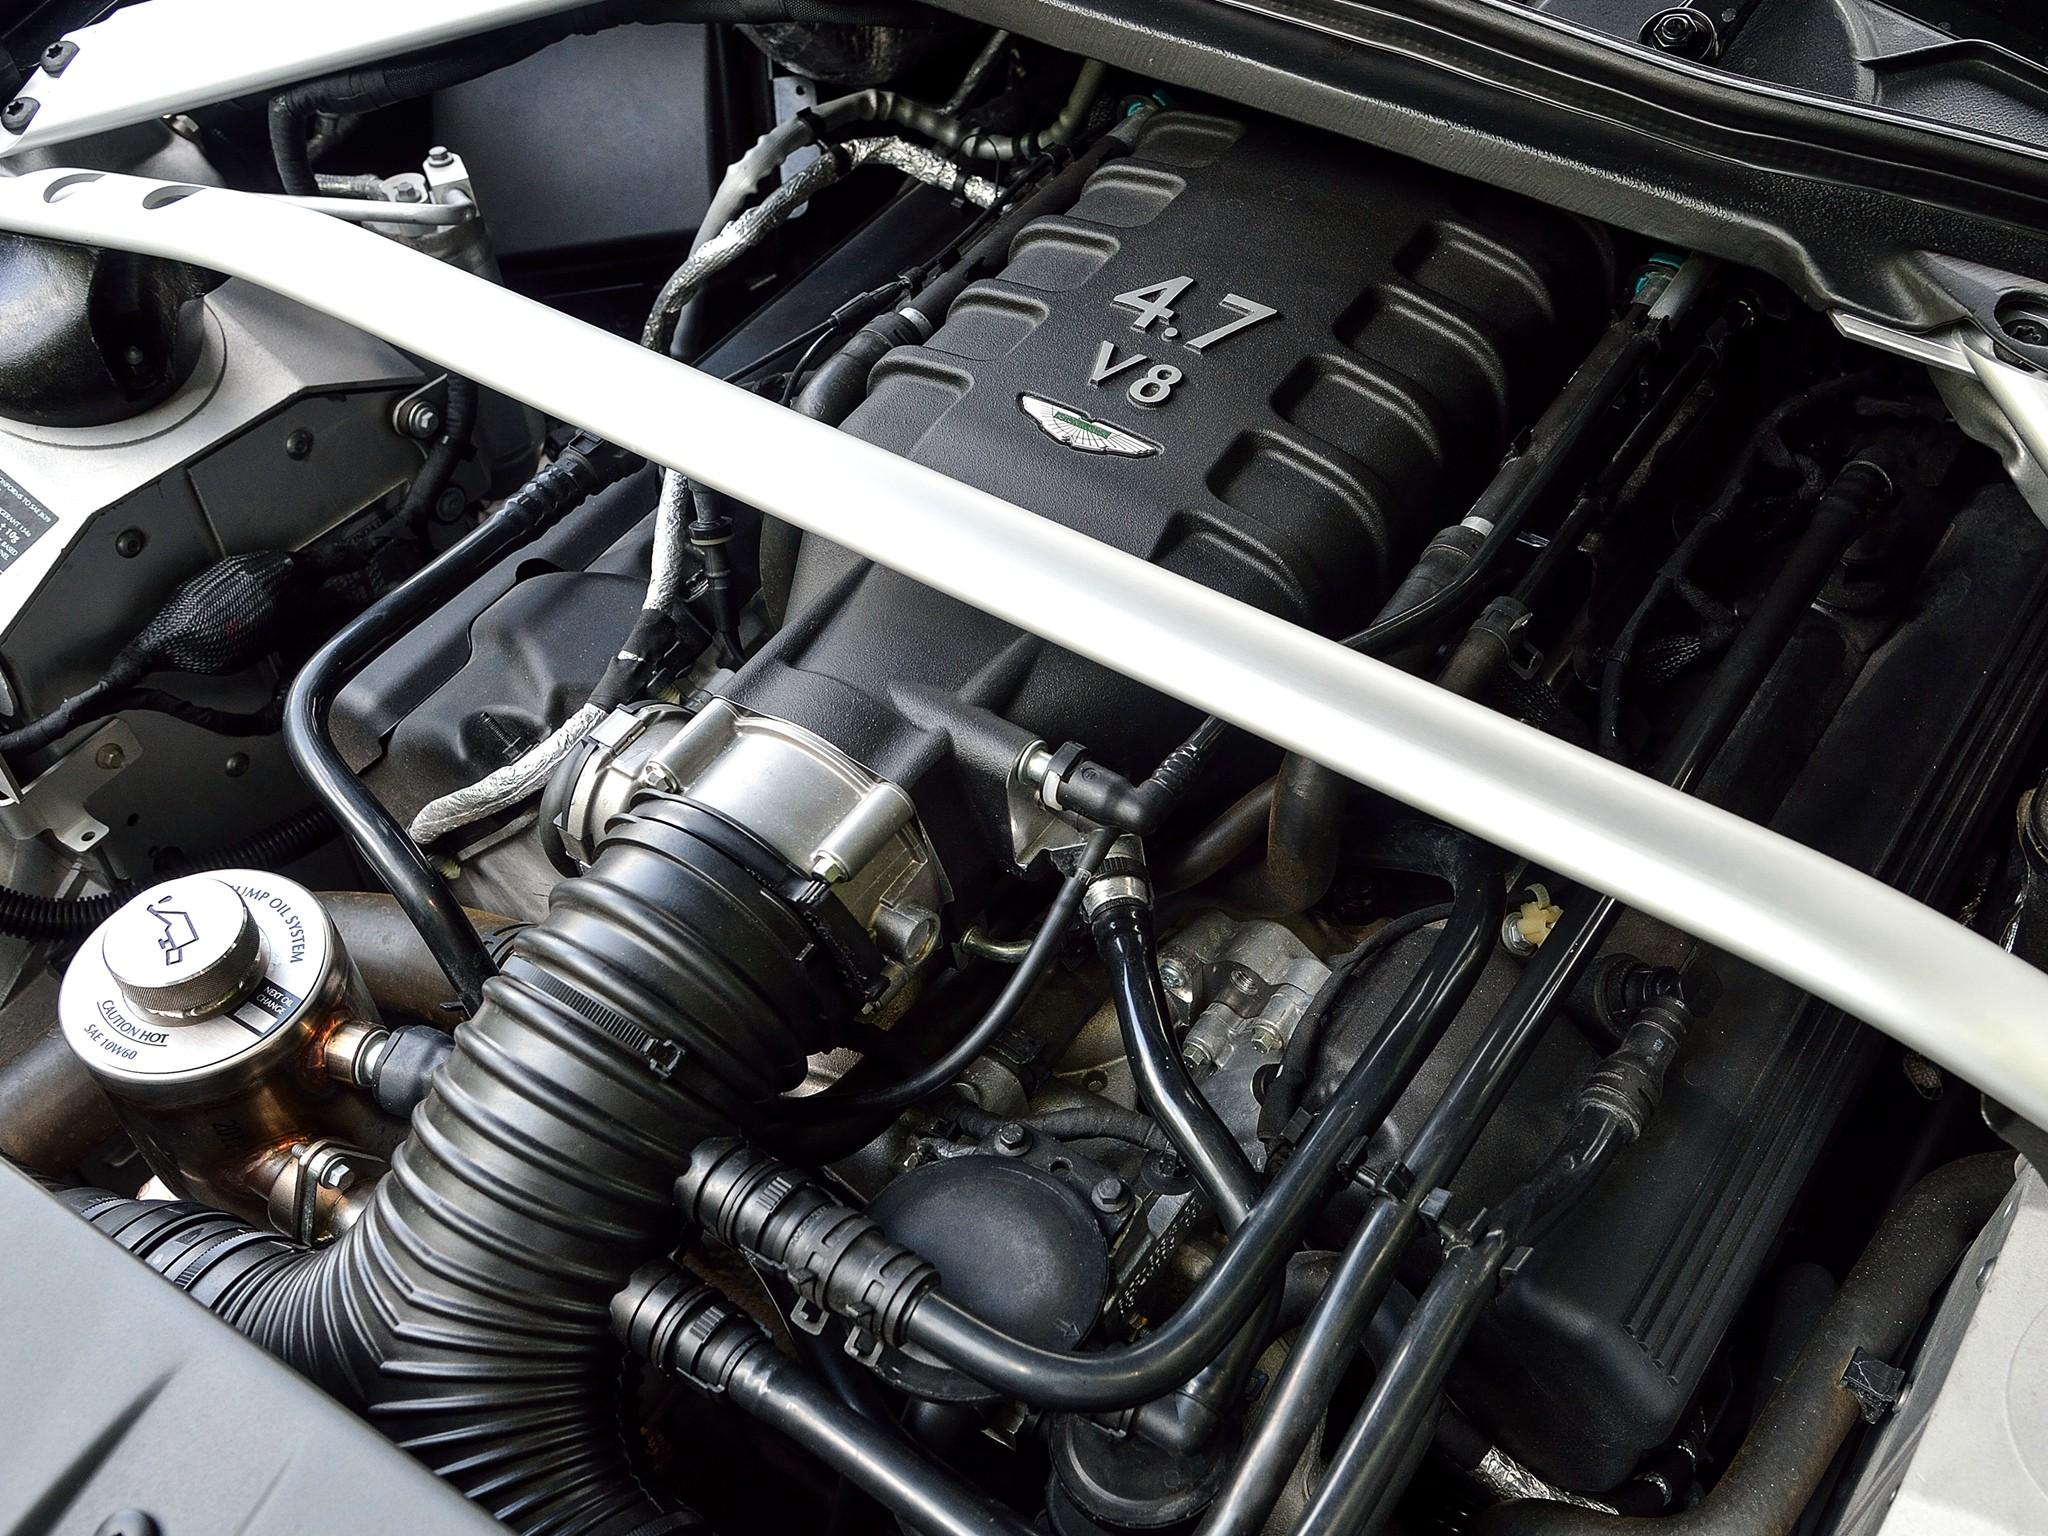 Aston Martin V8 Vantage N420 Roadster Spezifikationen Fotos 2010 2011 2012 2013 2014 Autoevolution In Deutscher Sprache